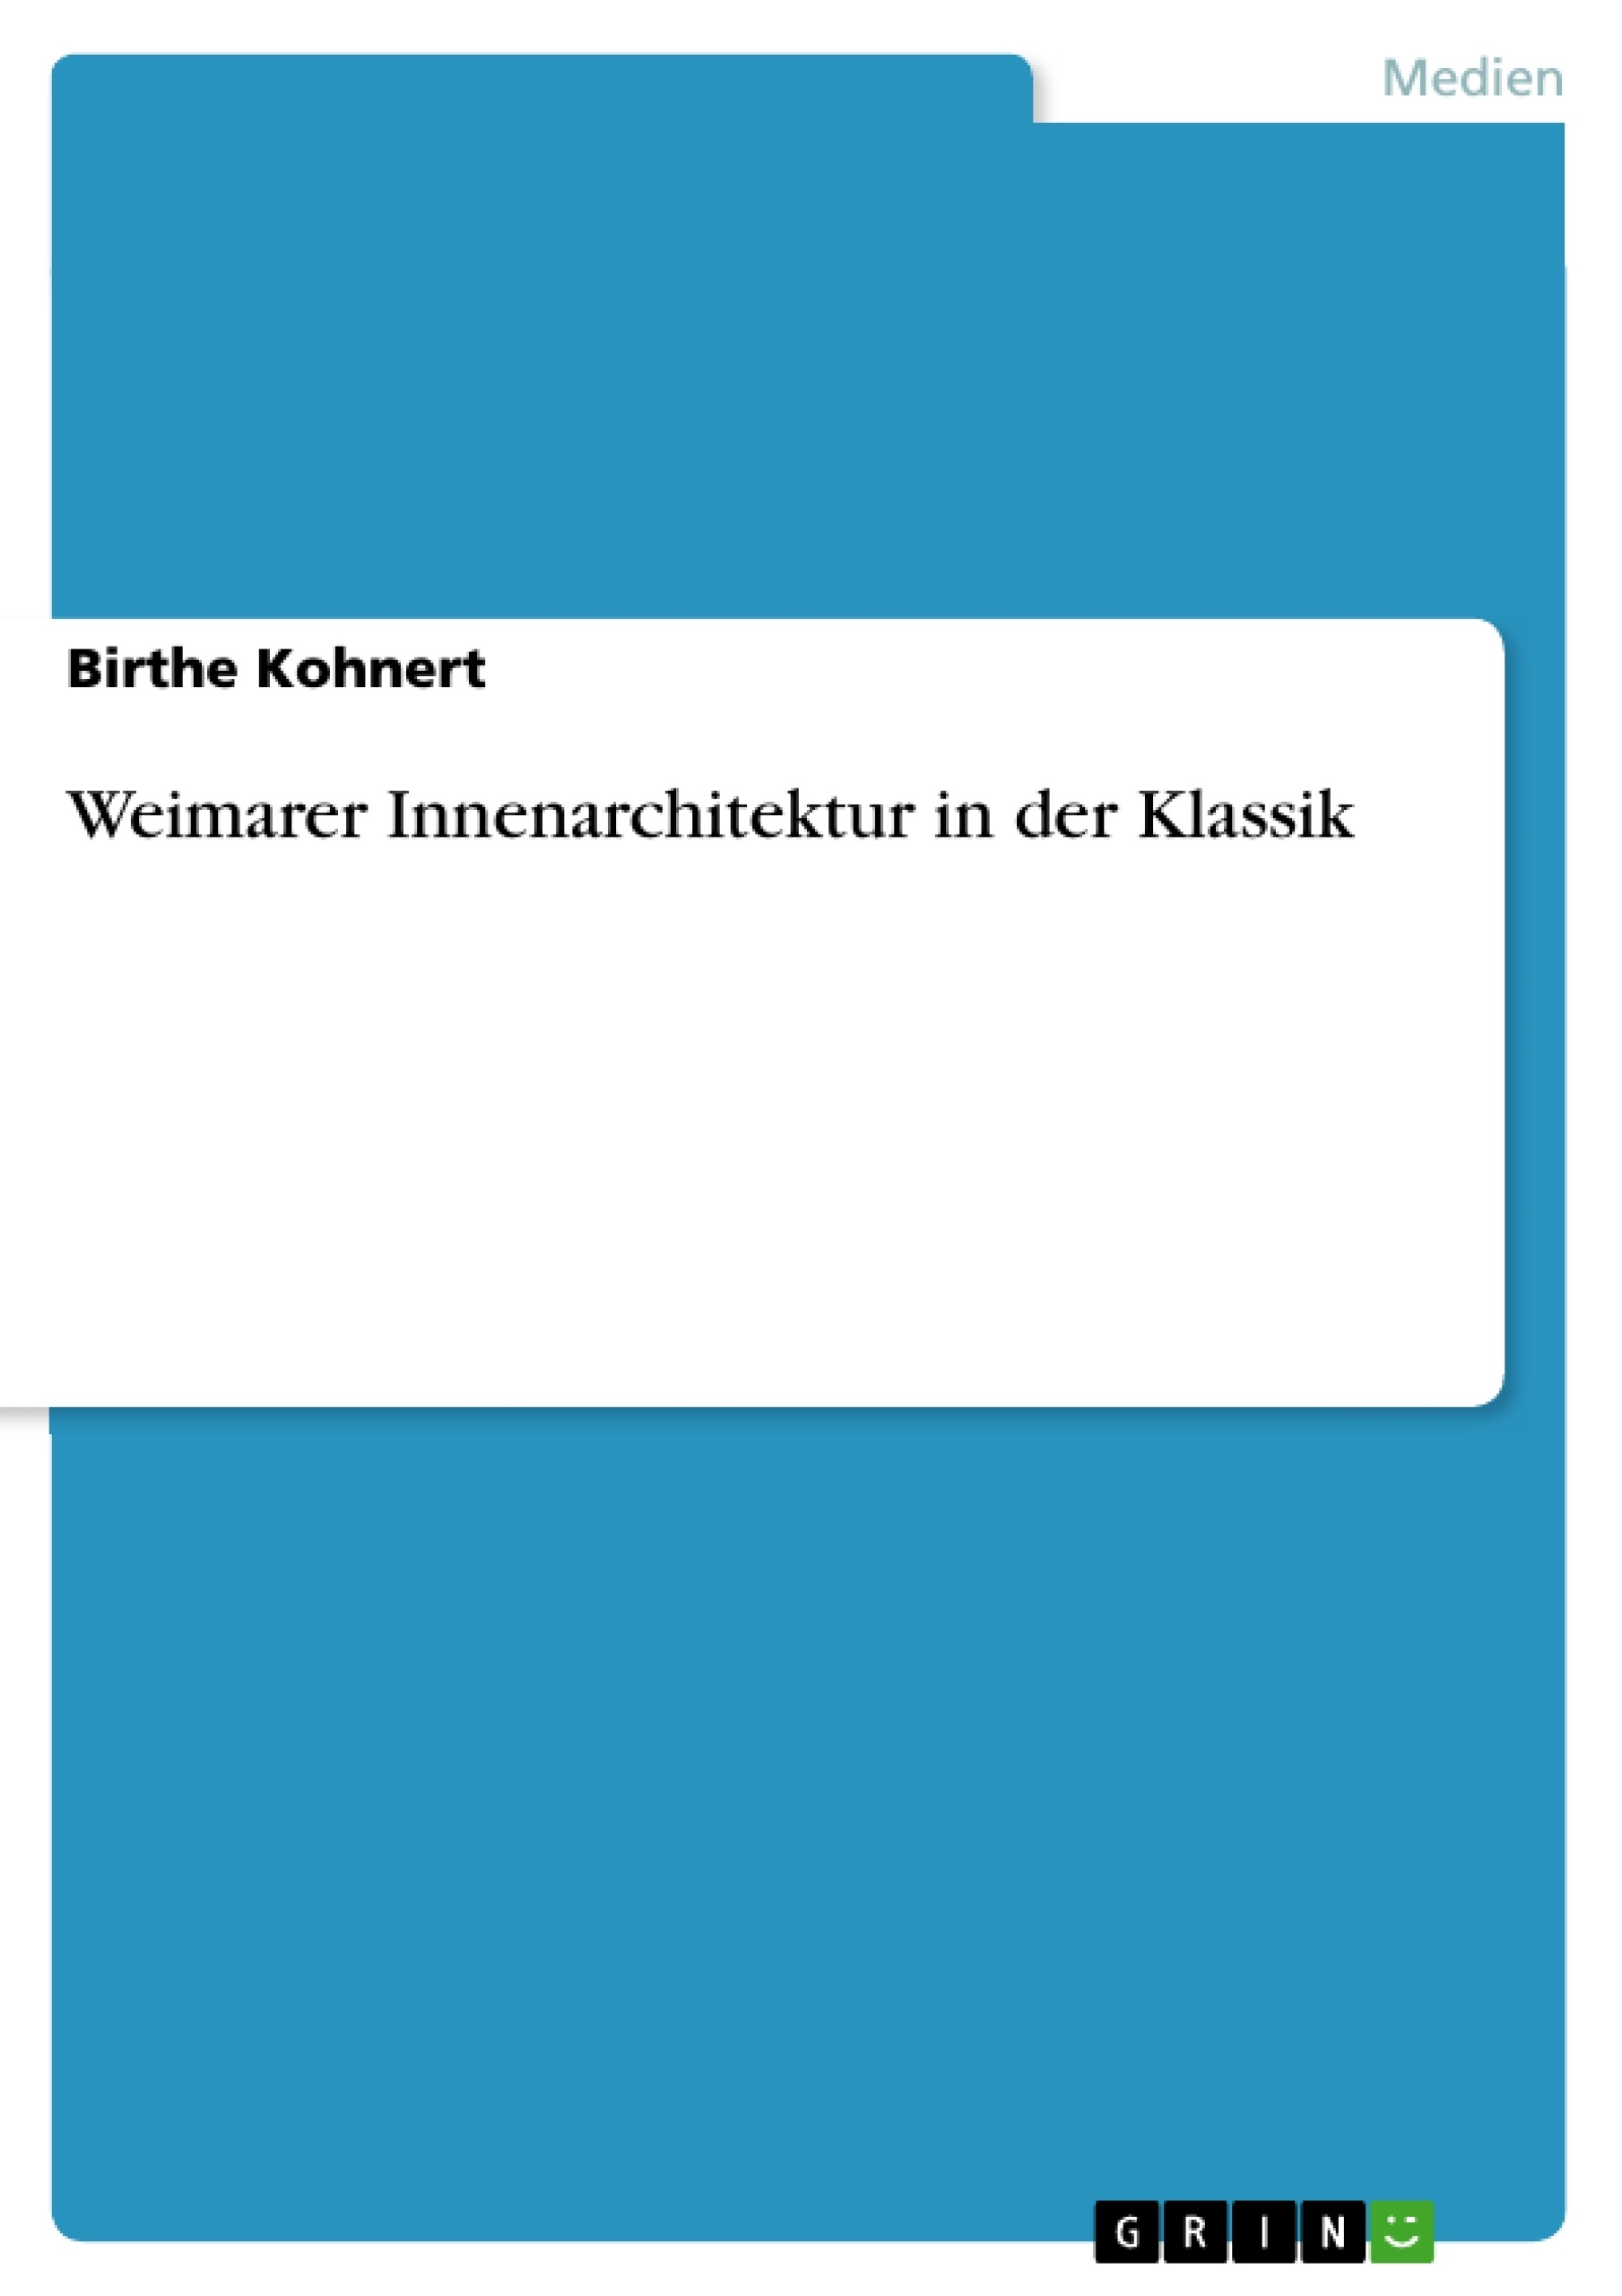 Weimarer innenarchitektur in der klassik masterarbeit for Masterarbeit innenarchitektur